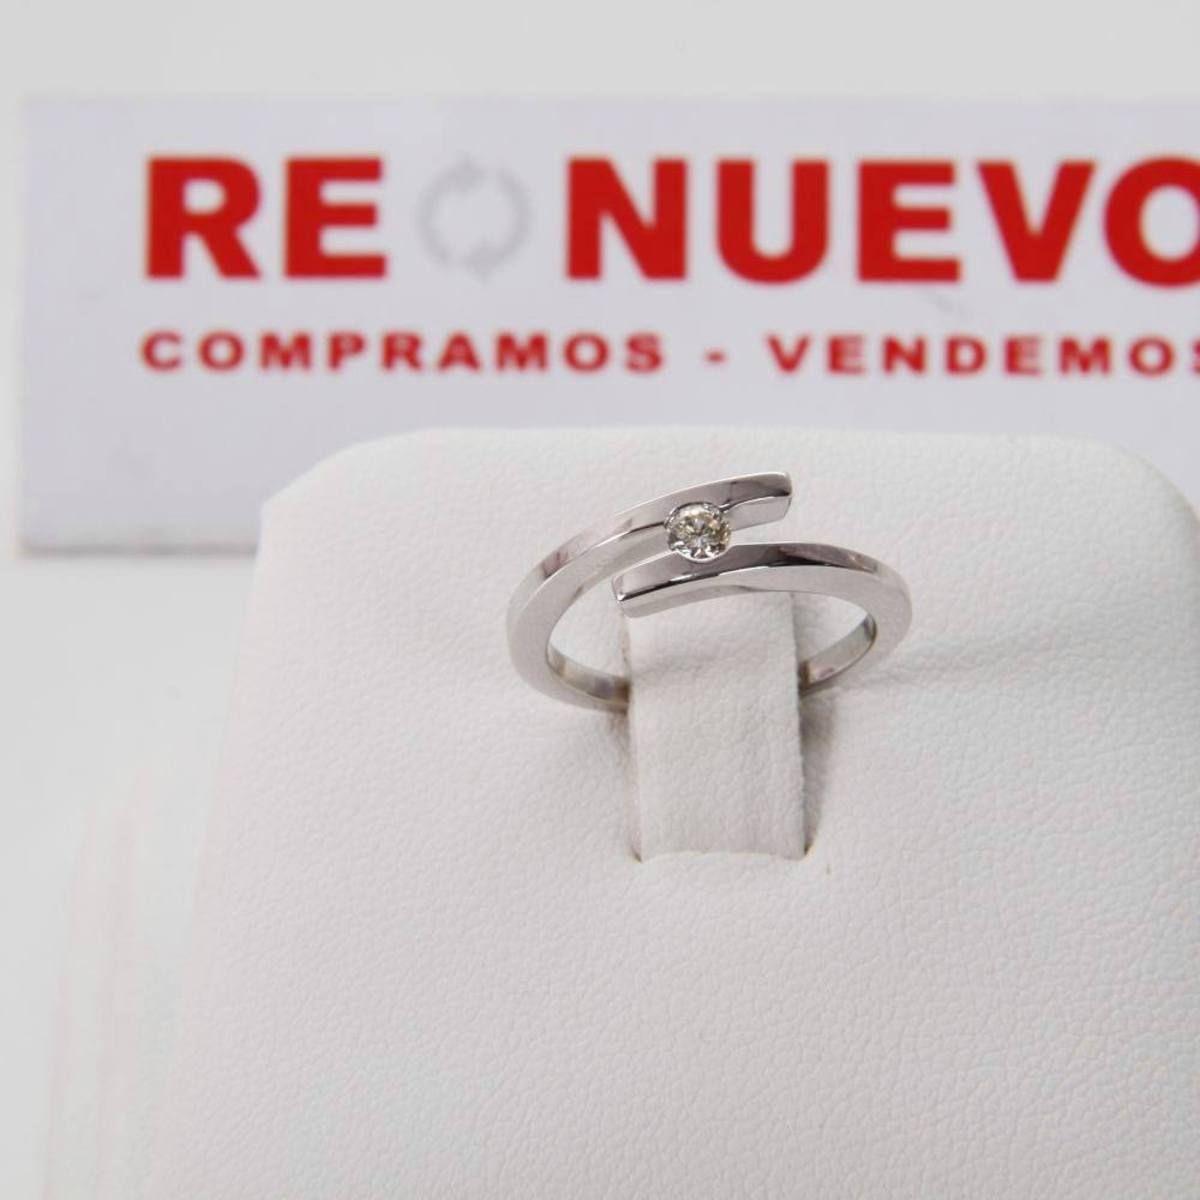 b4d350d76b50 Comprar Anillo de compromiso de oro blanco con diamante E294659B ...